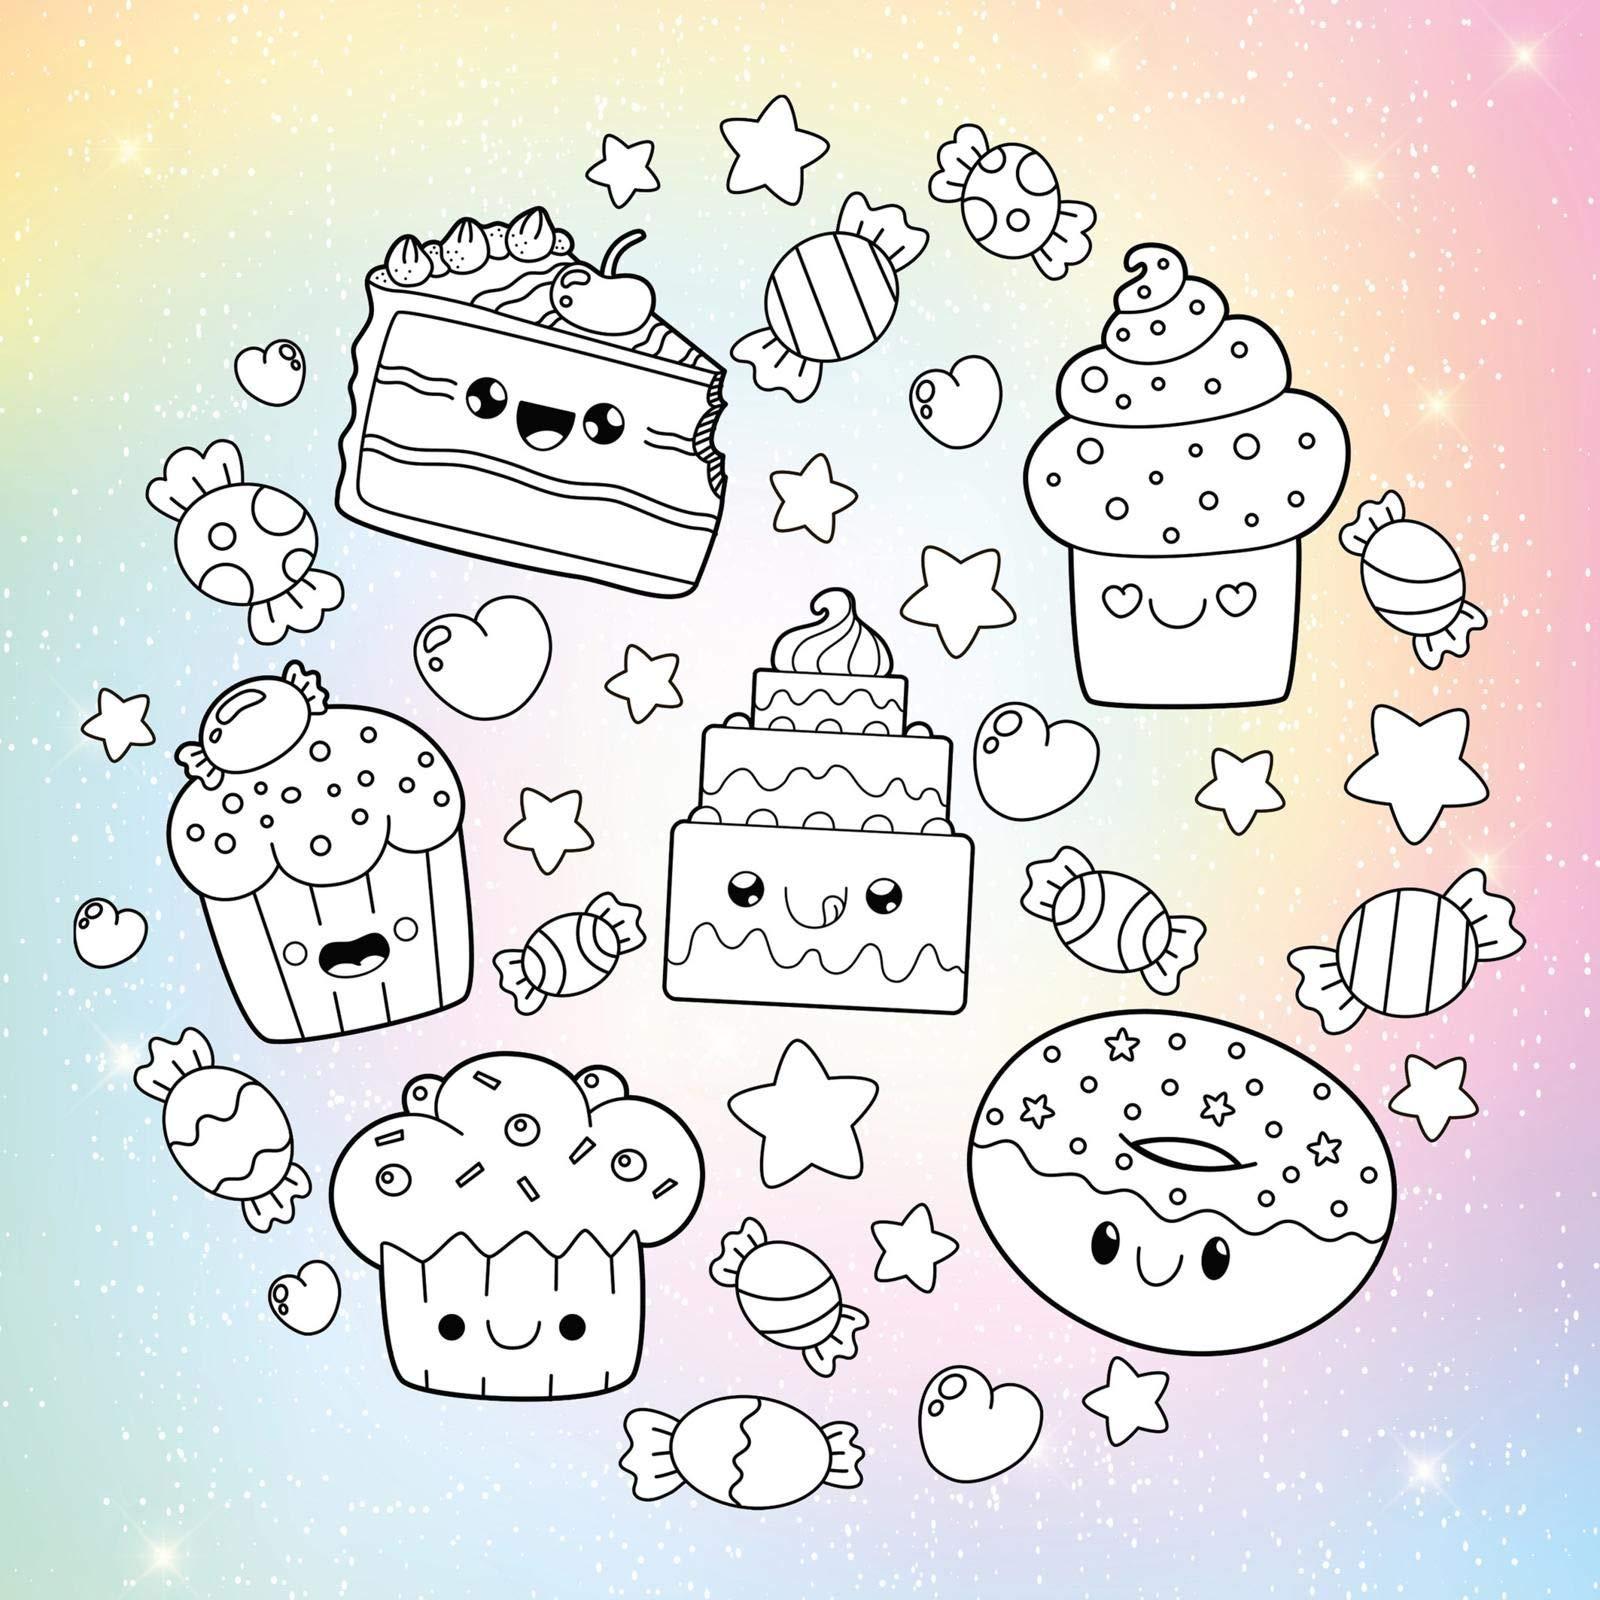 Mein buntes Kawaii-Malbuch: Der Trend aus Japan: Süße Ausmalbilder